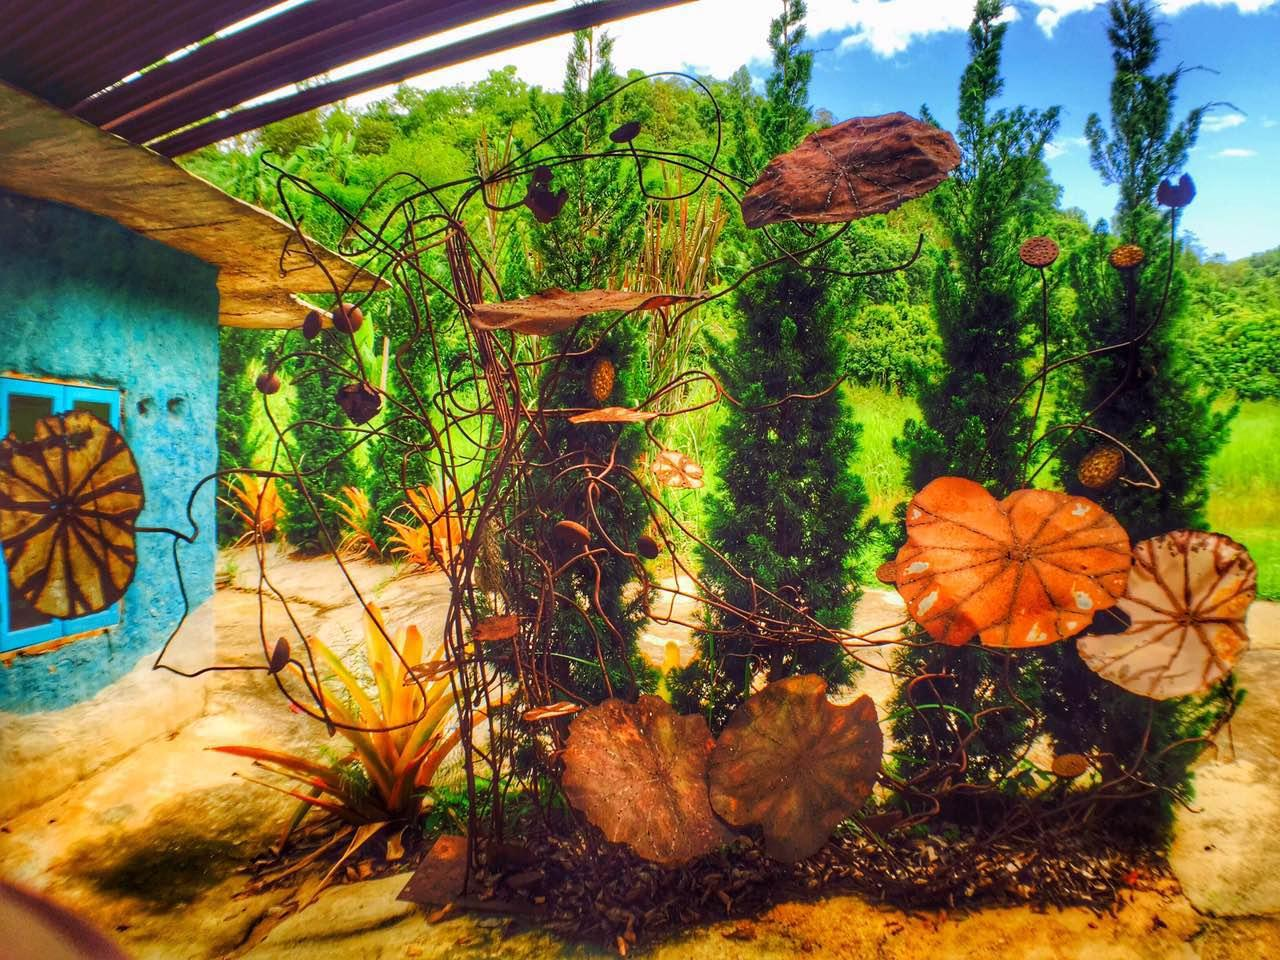 神奇度假区酒店,อะเมซซิง ฮอลิเดย์ โซน